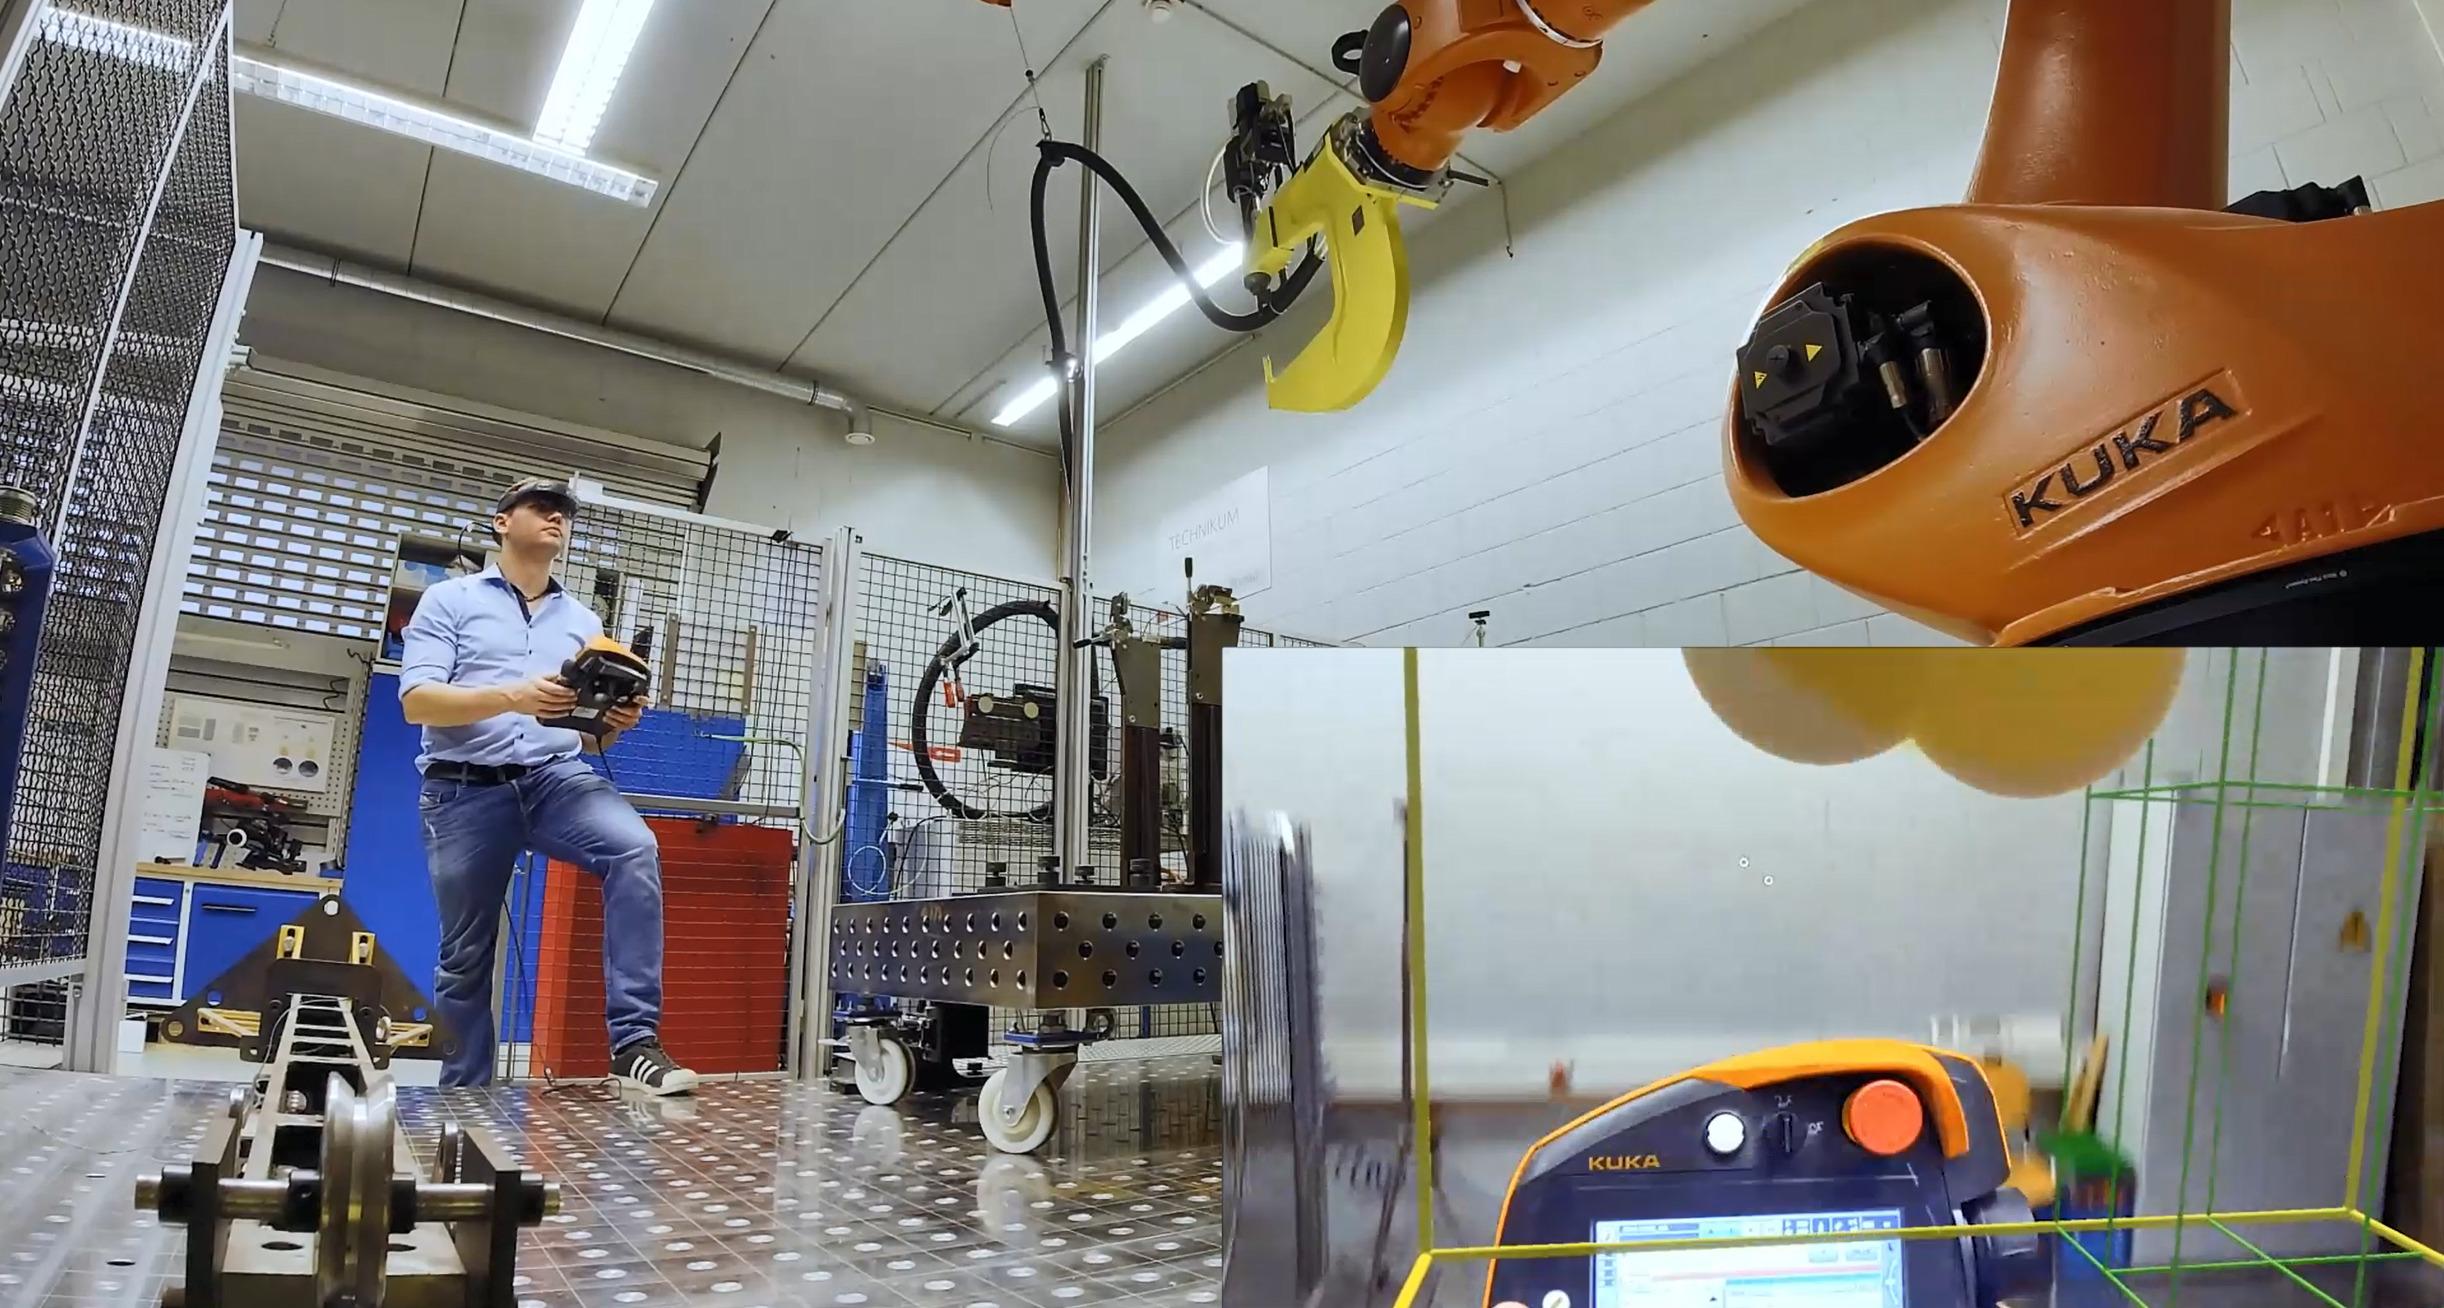 Sicherheit ist im Umfeld der Industrierobotik eine zentrale Aufgabe. XR-Technik kann helfen, Geschwindigkeit in die Abläufe zu bringen. (Bild: EDAG Production Solutions GmbH & Co. KG)